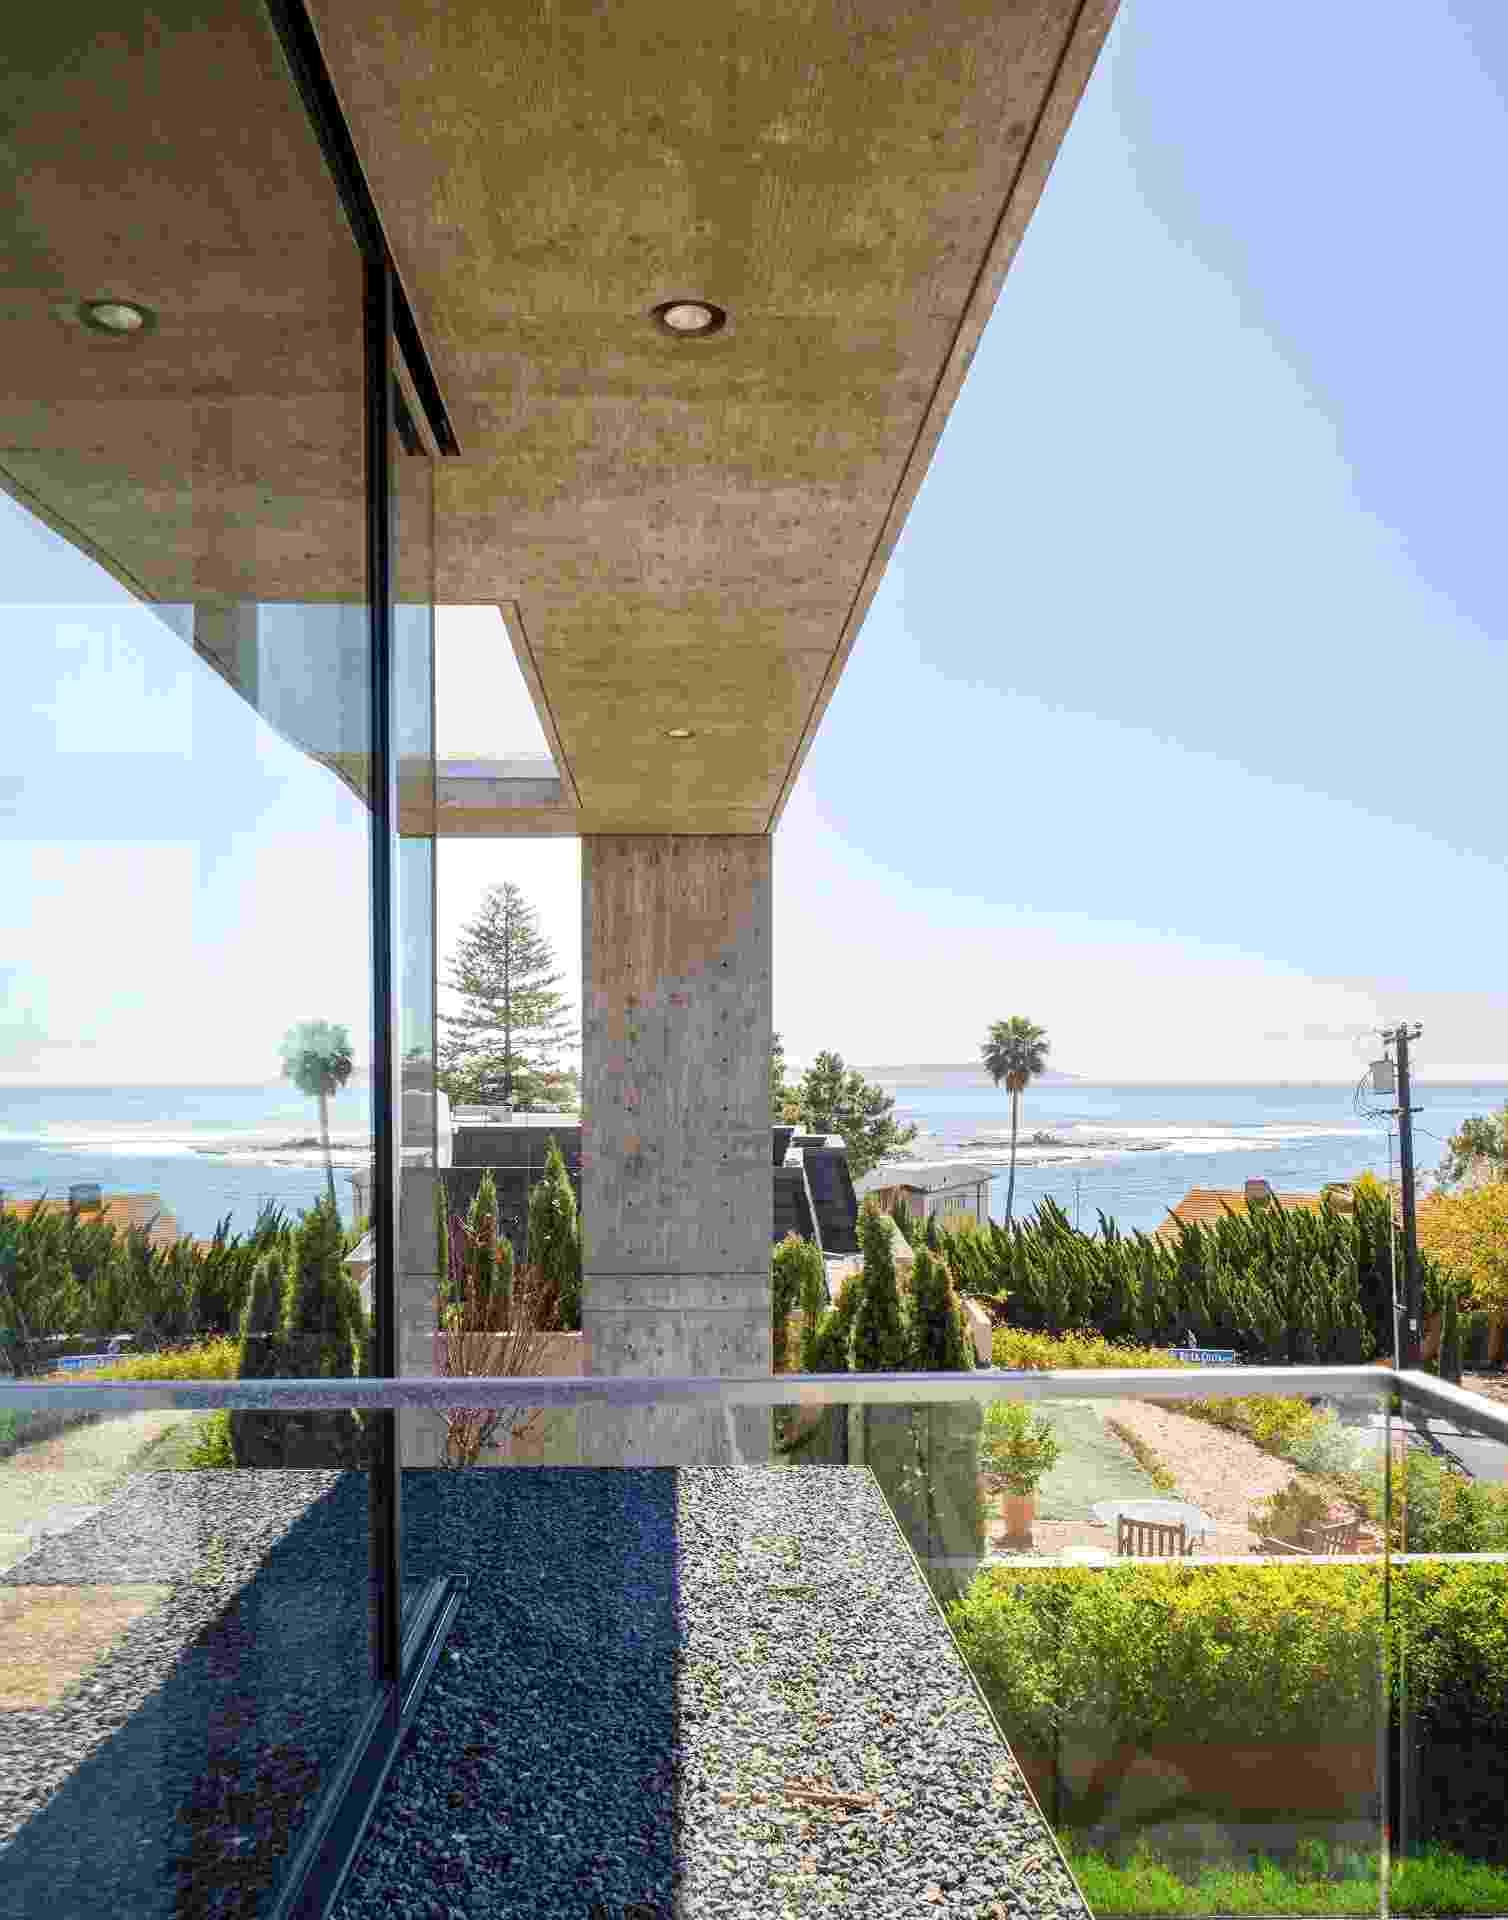 Casa de concreto na Califórnia (Imagem do NYT, usar apenas no respectivo material) - Trevor Tondro/ The New York Times